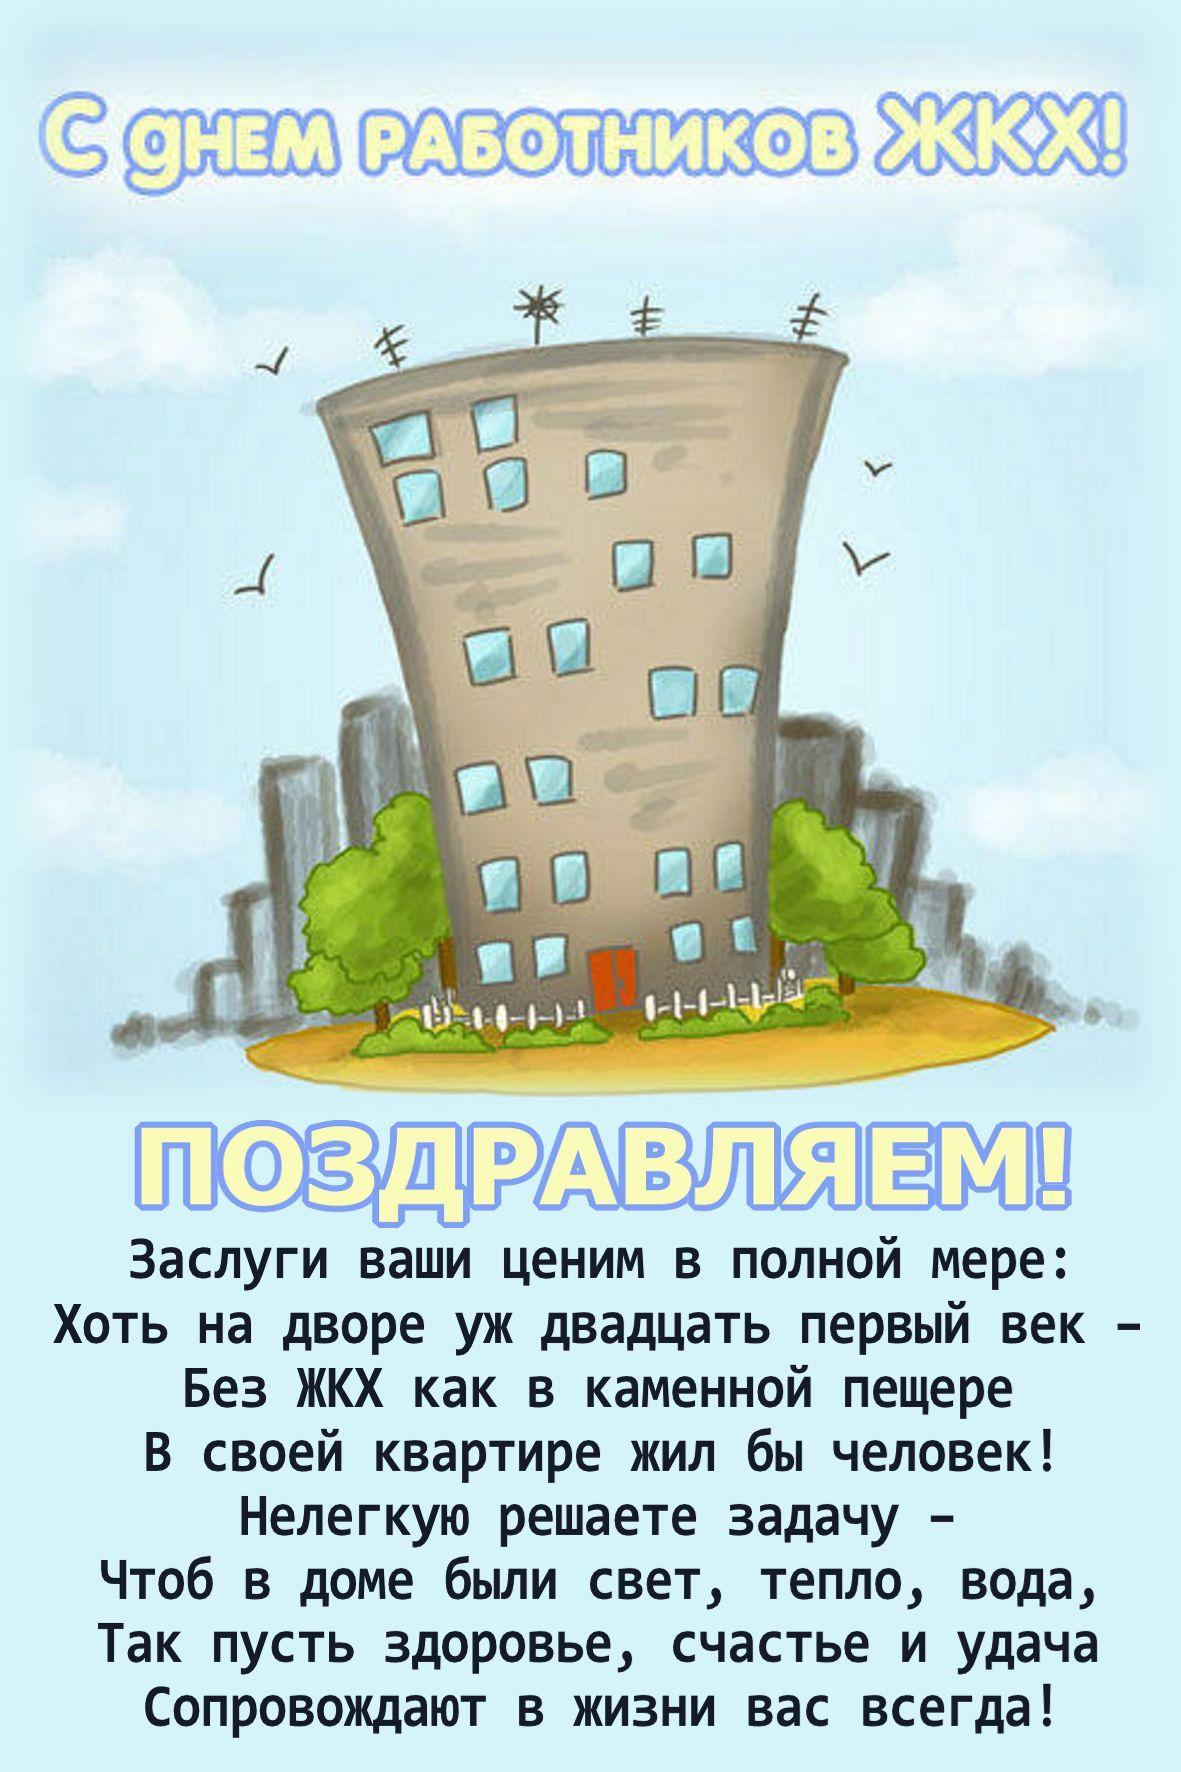 Поздравления для работников жилищно-коммунального хозяйства